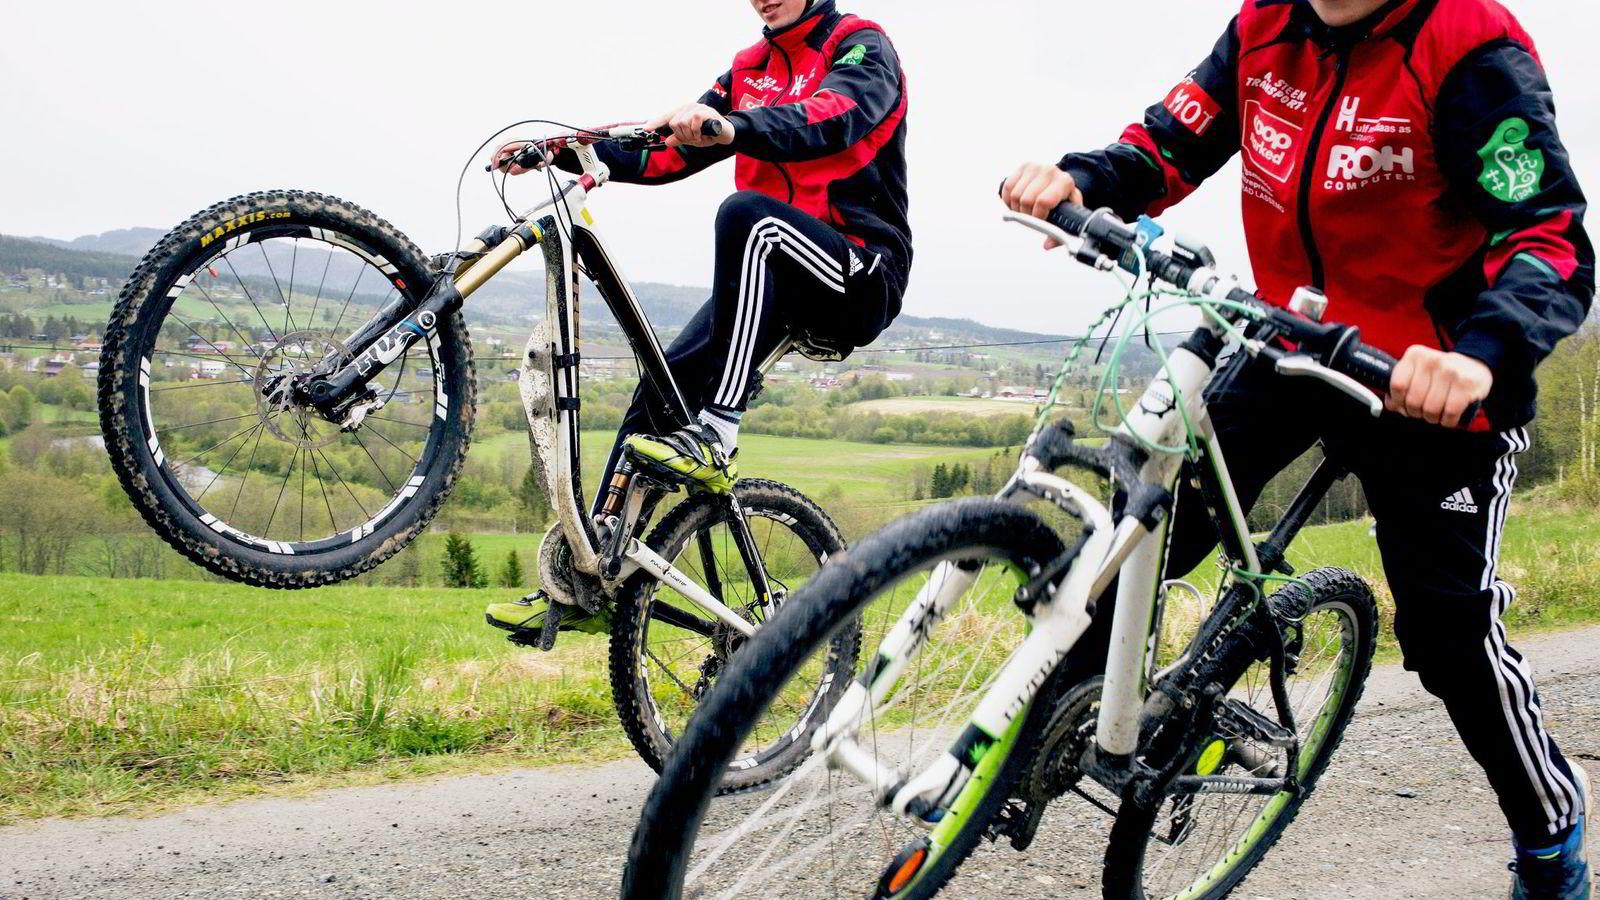 Steiling er det nye, Truls og Jonas bruker mye av fritiden på å trikse med syklene. Alle foto: Inger Lise Hammerstrøm